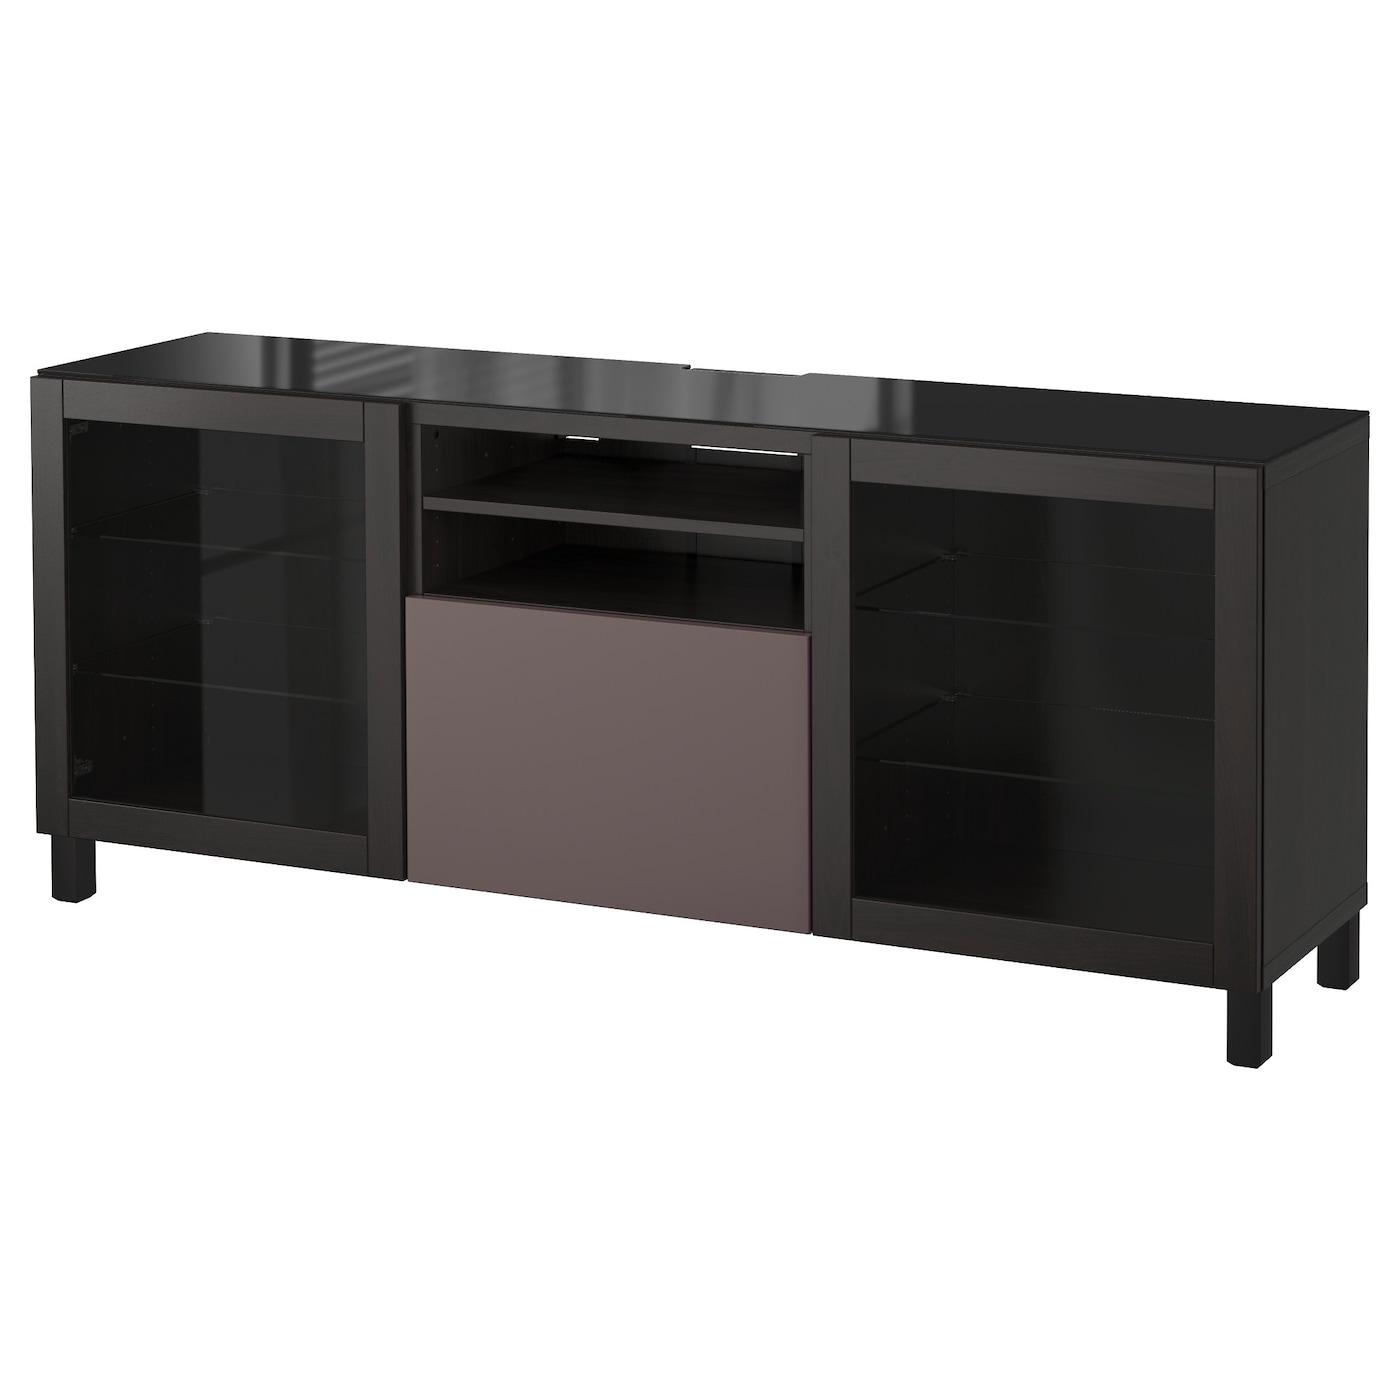 Best Tv Bench Black Brown Valviken Dark Brown Clear Glass 180x40x74 Cm Ikea